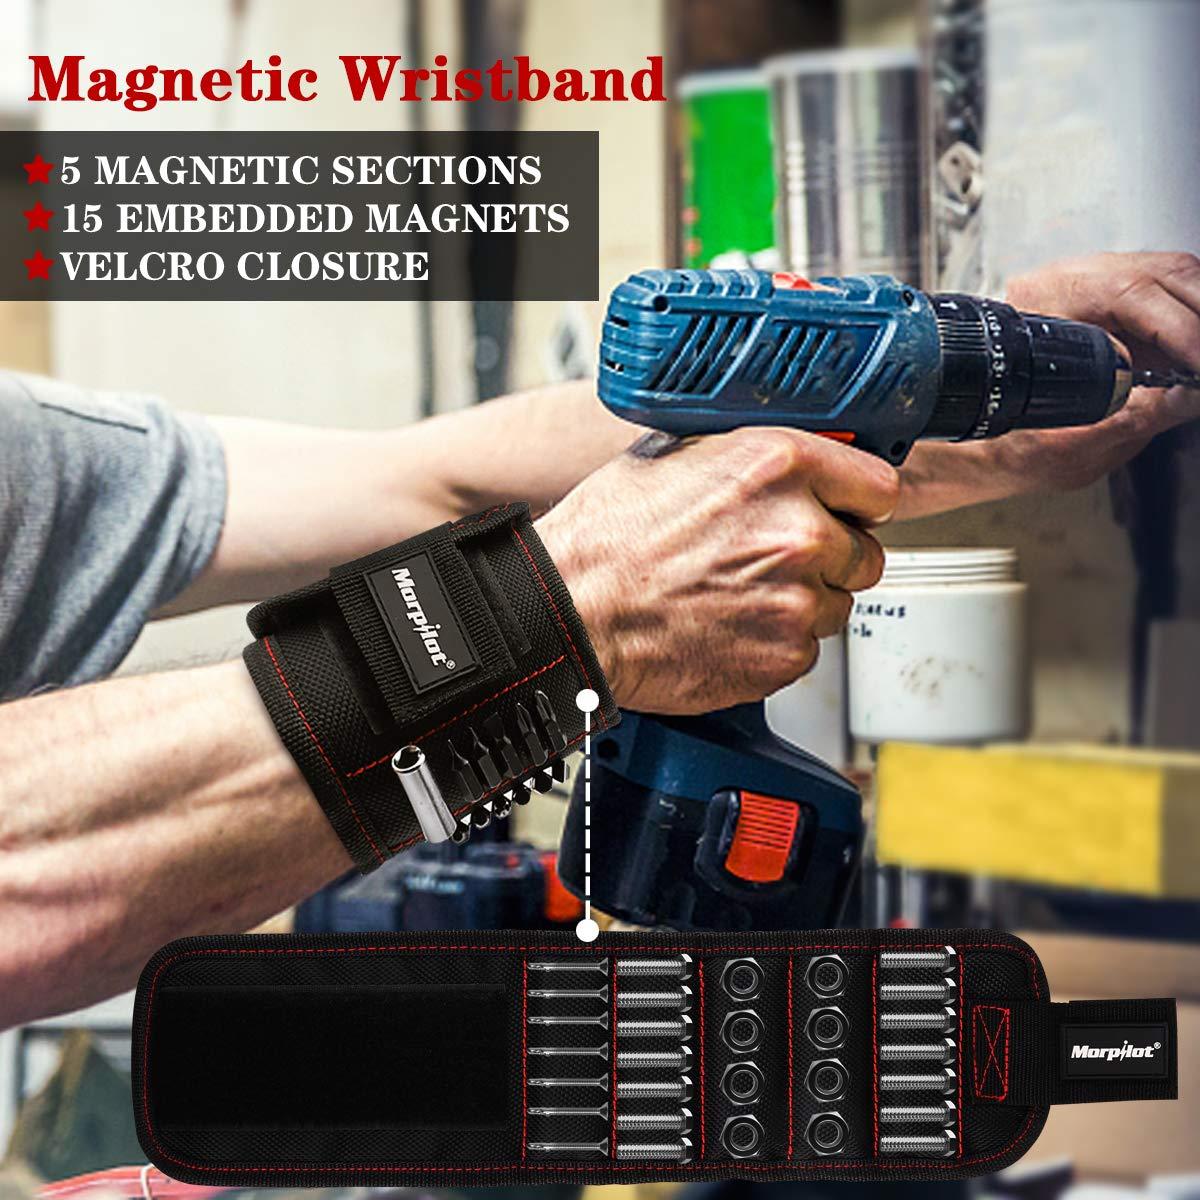 Morpilot Set di Telescopico Ispezione Regolabile di 360 Gradi, Pick-up Telescopico Magnetico e Polsino Magnetico con 15 Magneti Forti per Viti Regalo per Il Fai da Te Strumento Tuttofare